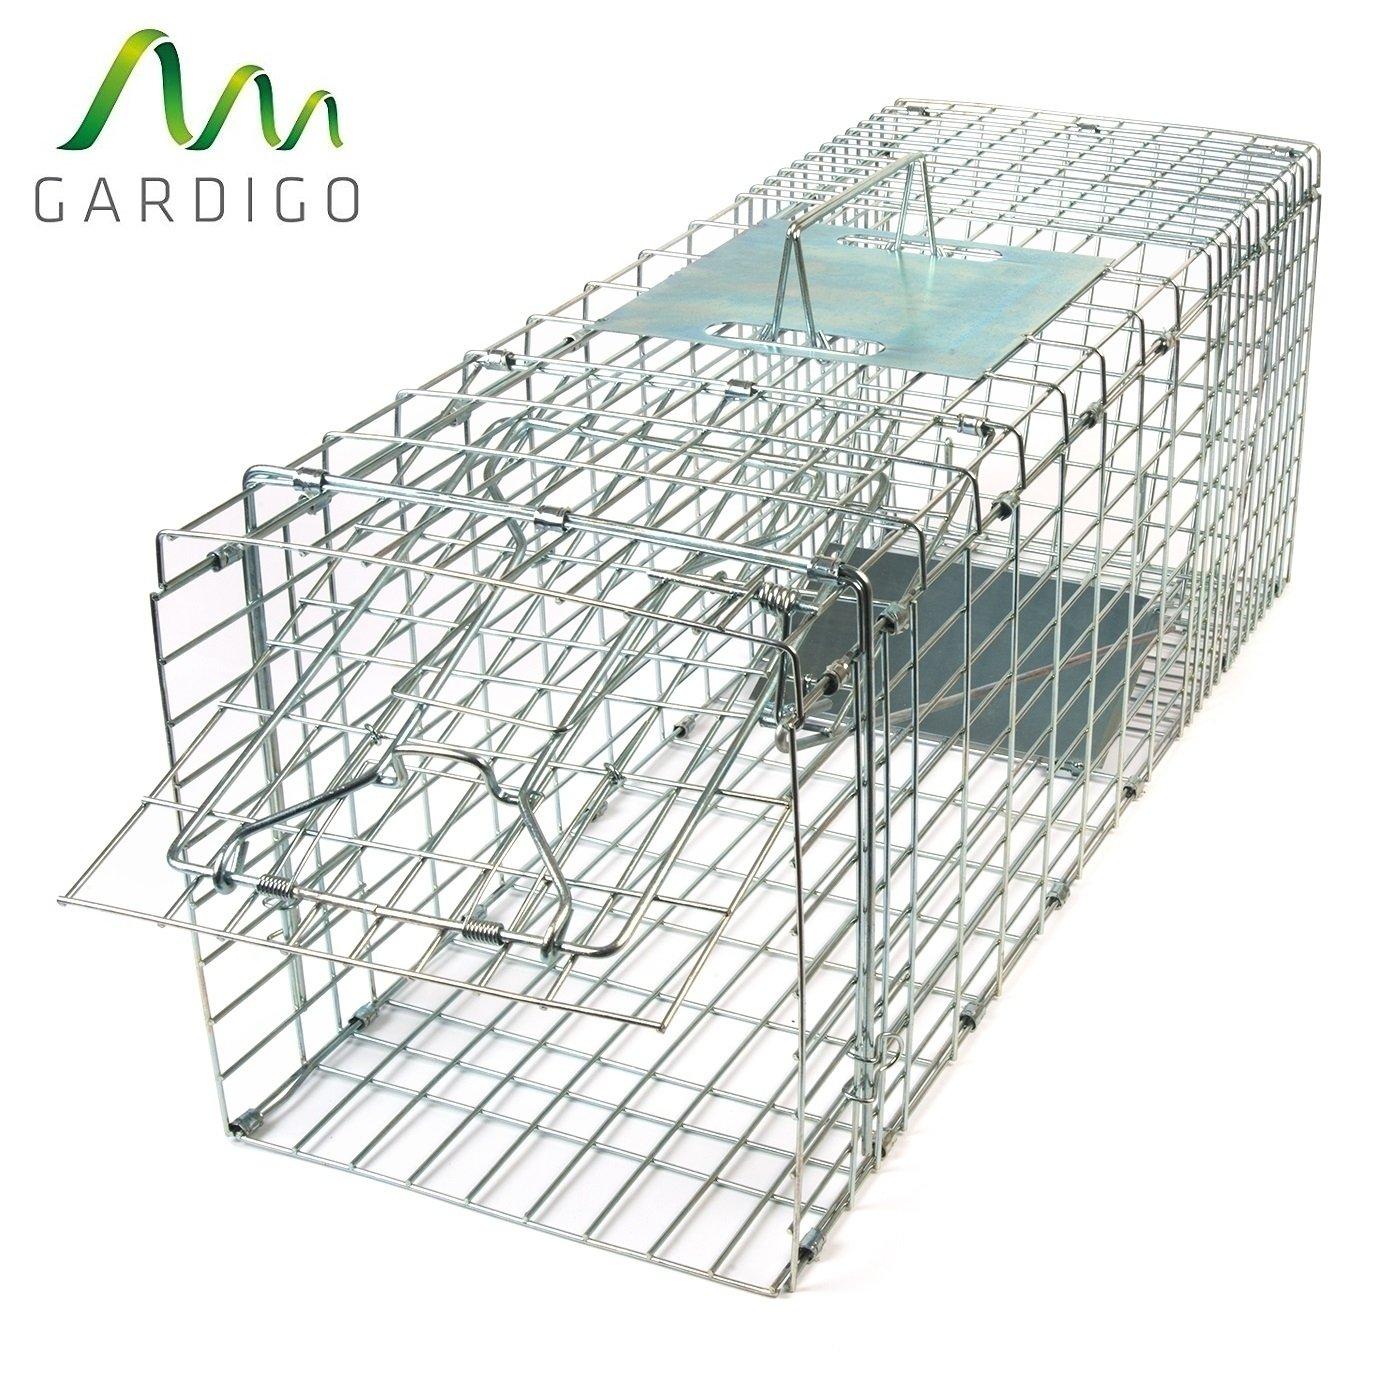 Gardigo Piège pliant capture animaux vivants   fouines, renards, ratons  laveurs, lapins, 4099bfa0abb